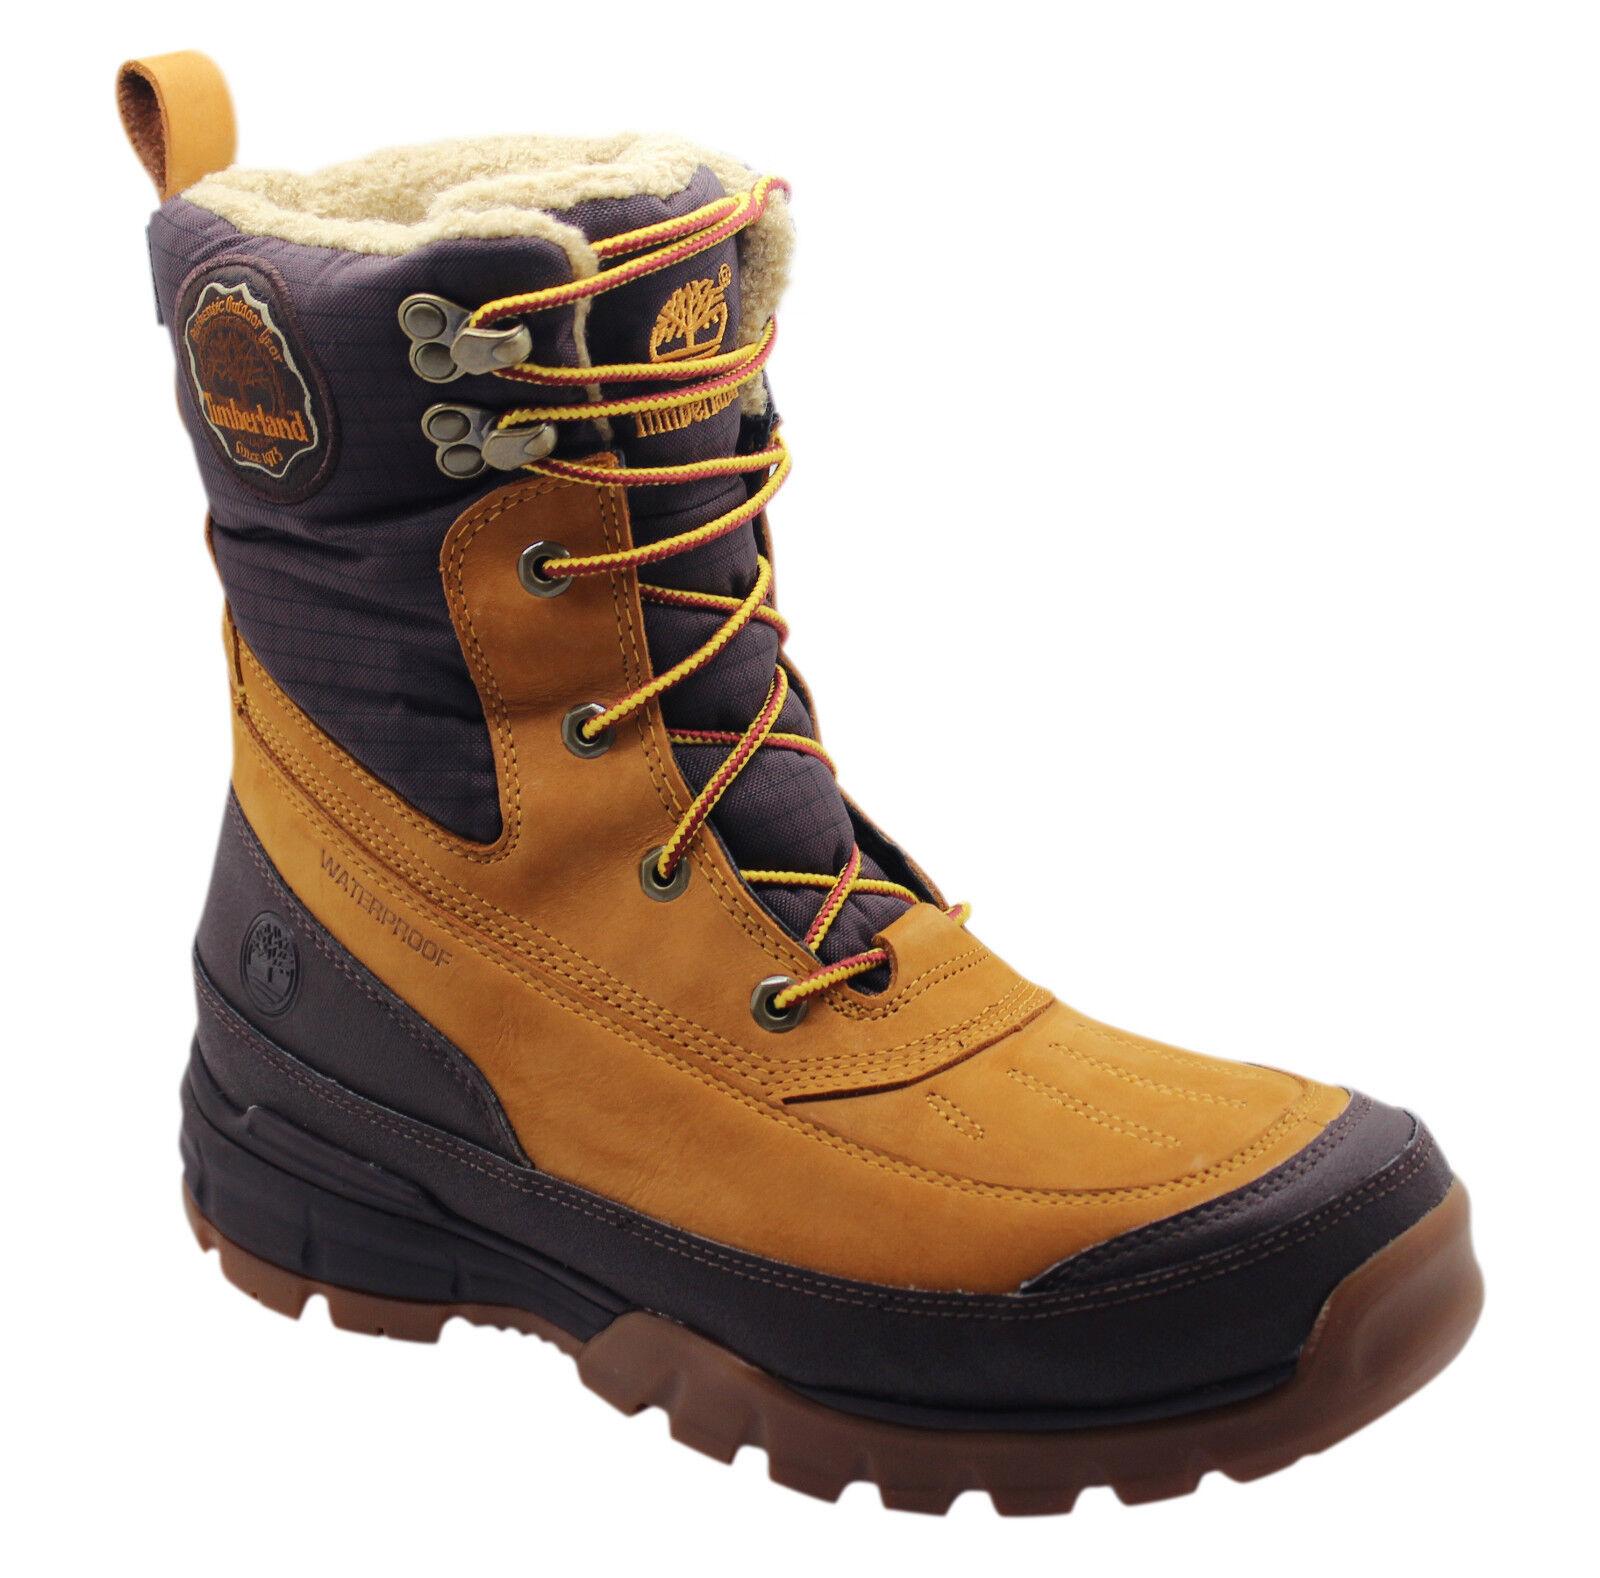 Мужские ботинки Timberland FURIOUS FUSION 8 Zoll Winter Schnee Wasserdicht Herren Stiefel 80183 d115